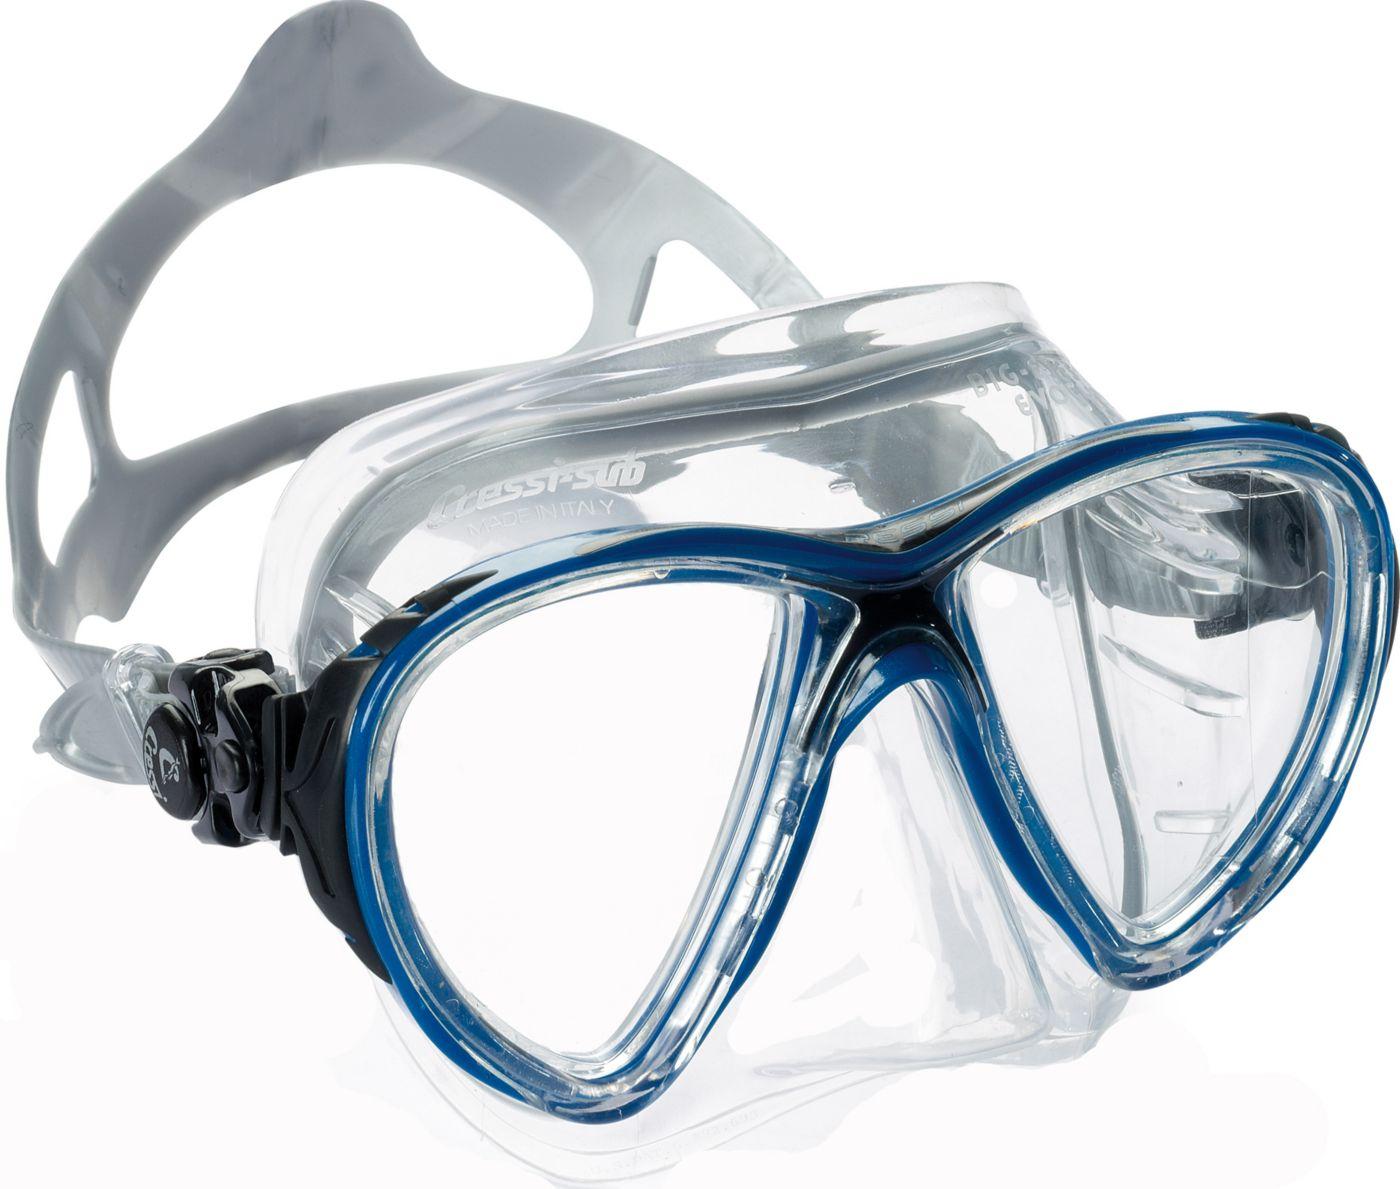 Cressi Big Eyes Evolution Crystal Snorkeling & Scuba Mask